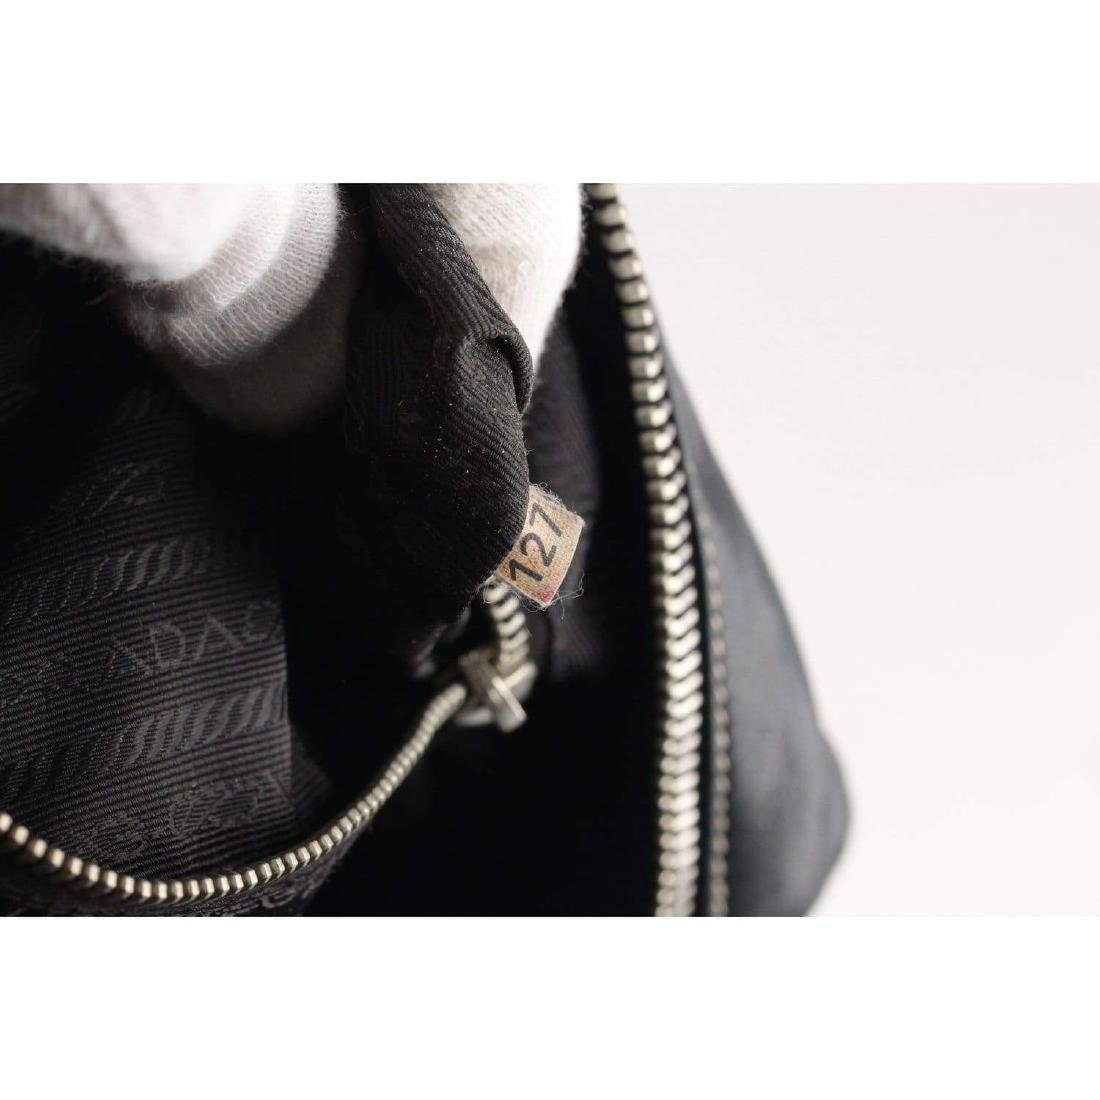 Prada Shoulder Bag with Tassels - 7